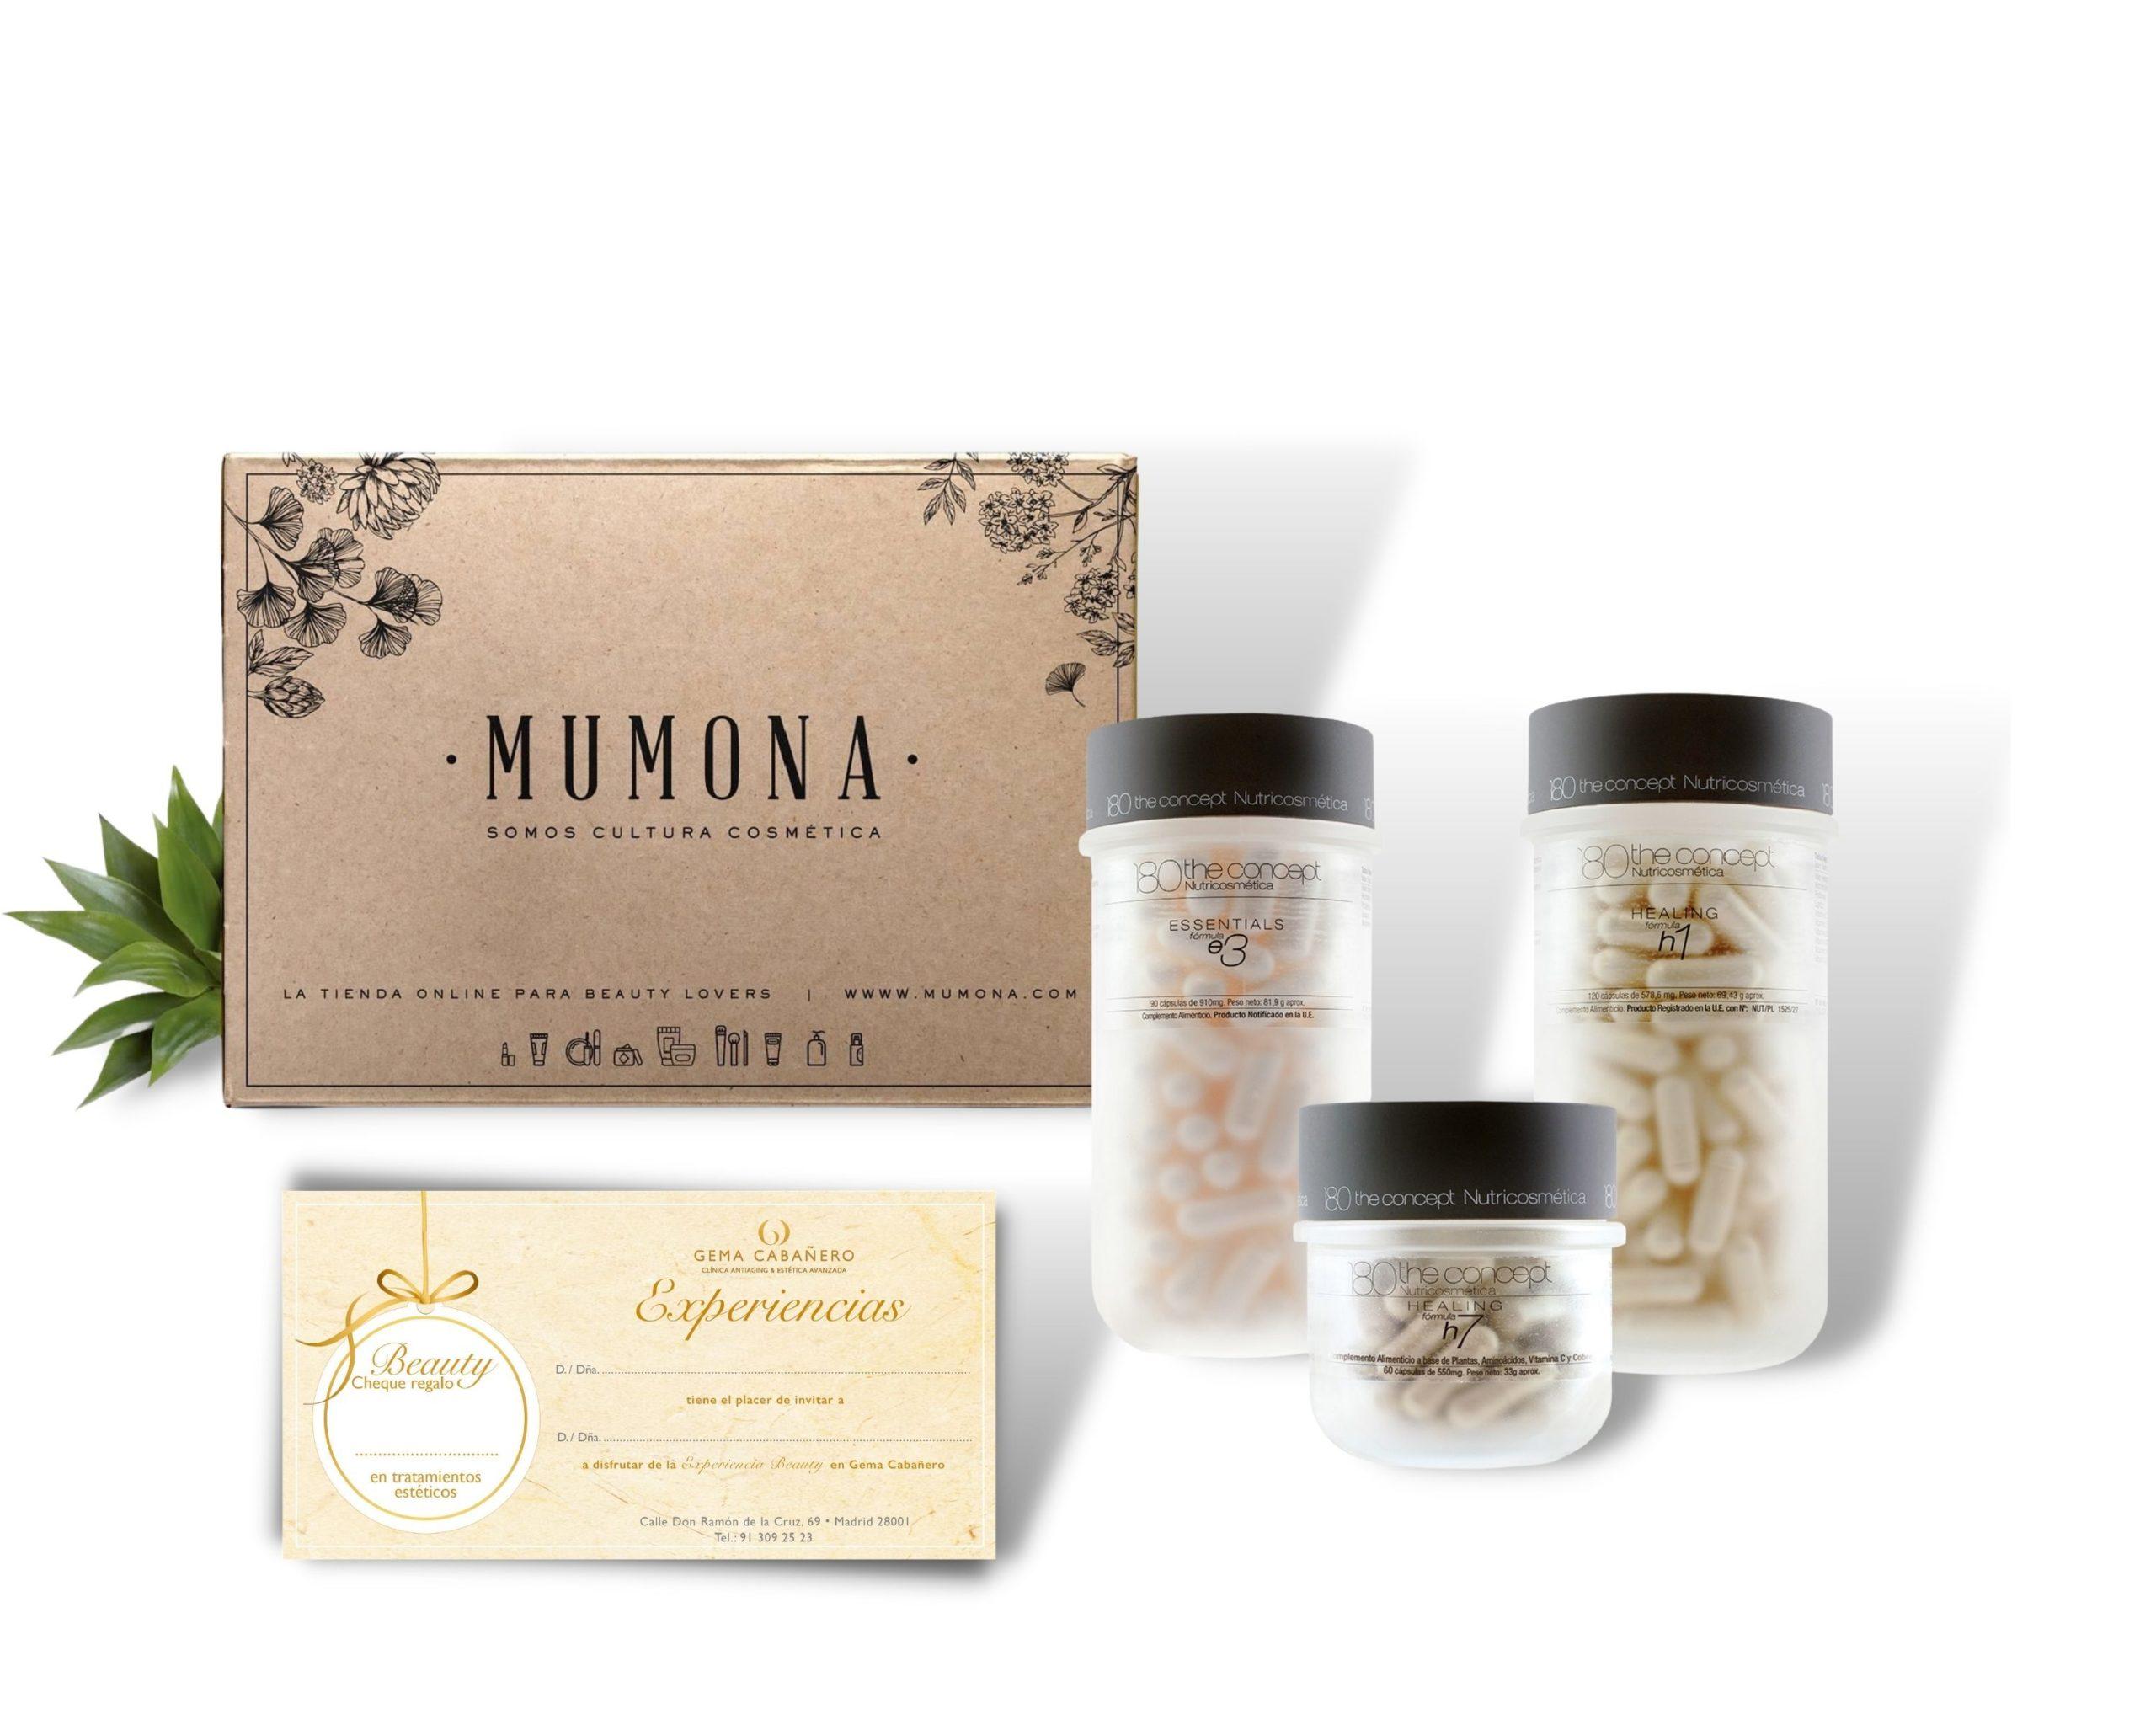 Momentos renovadores en el Día de la Madre con regalos de mumona.com, Gema Cabañero o 180 the concept